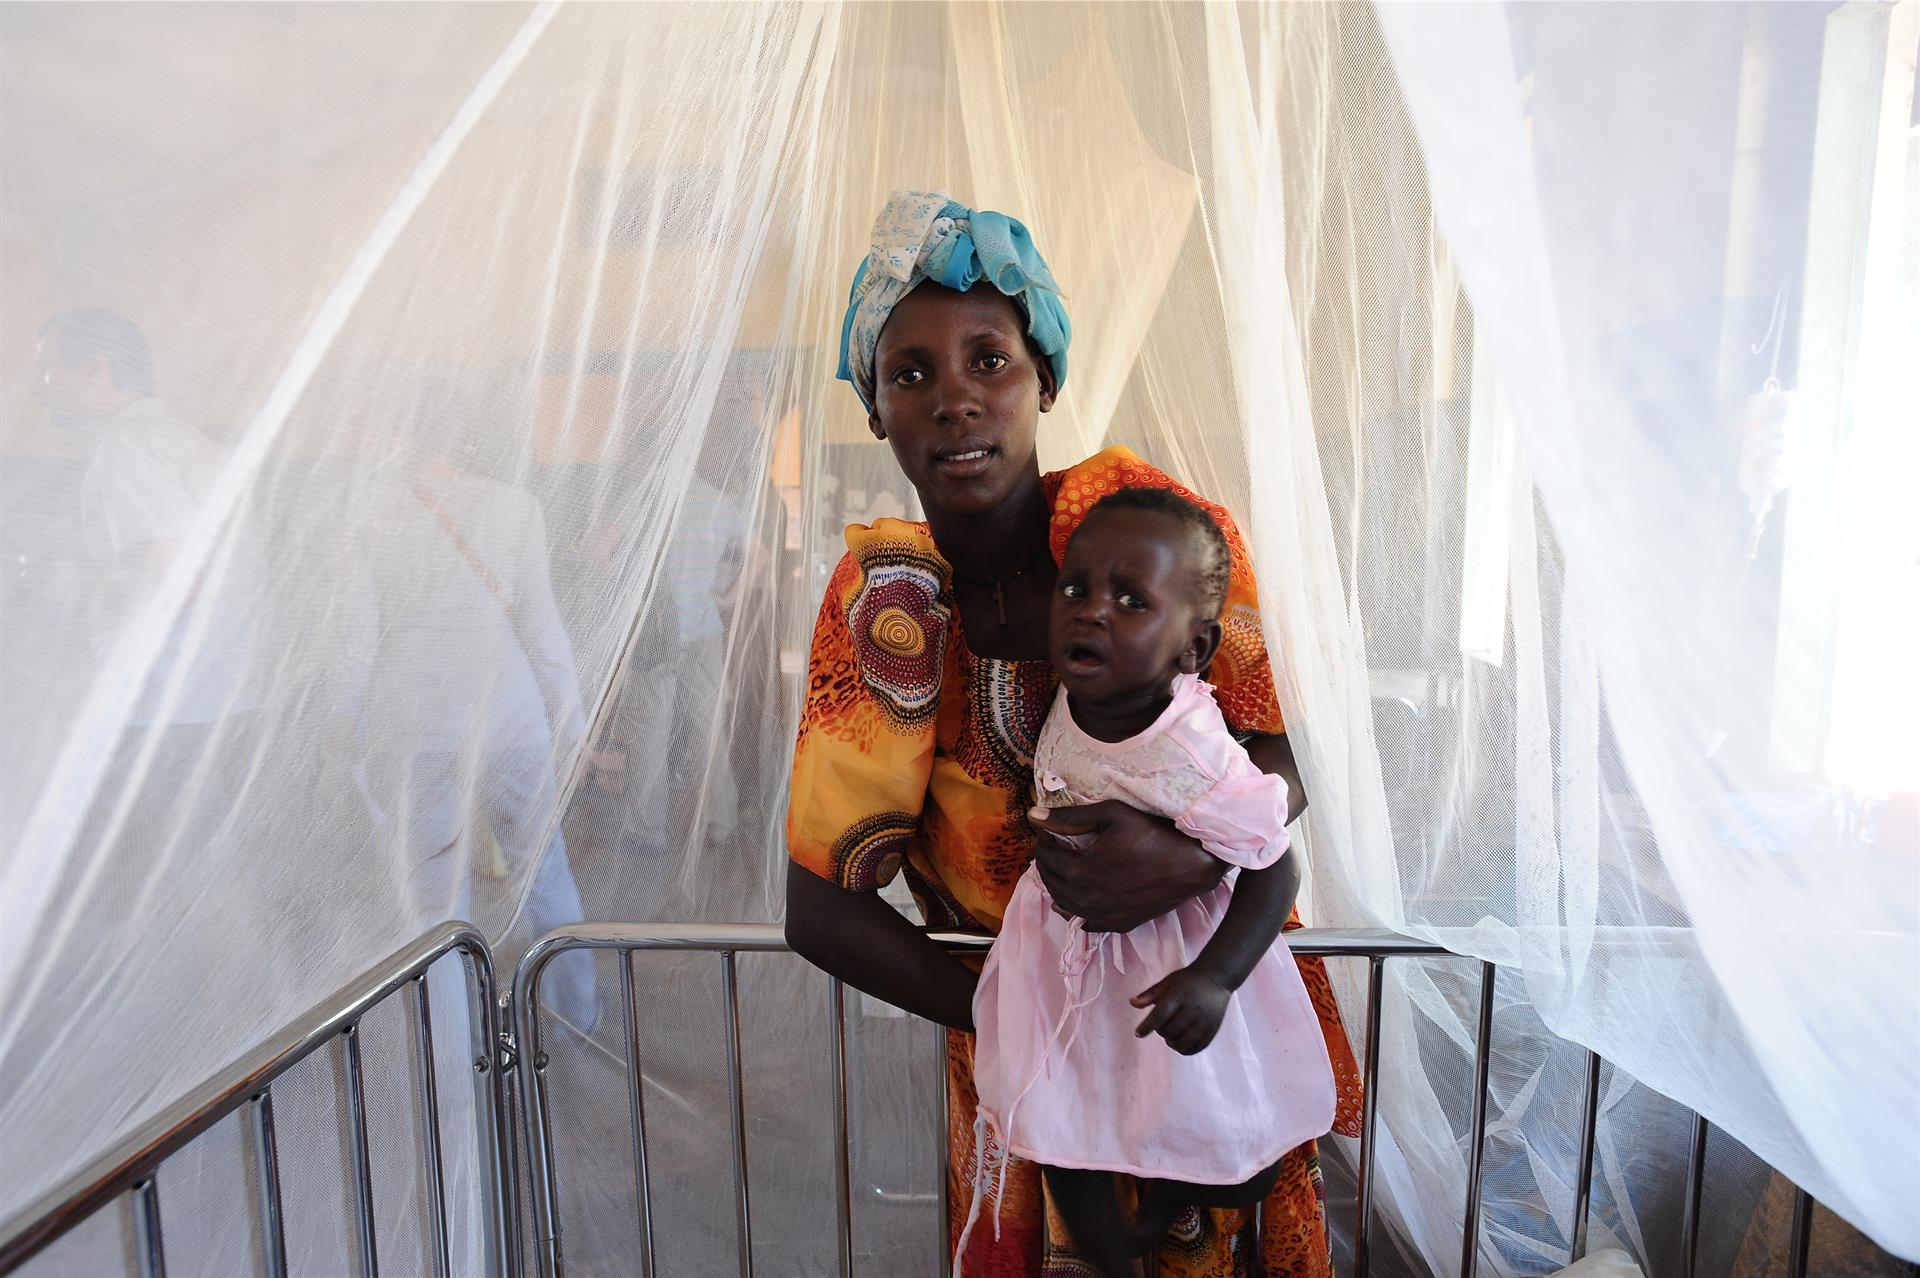 La OMS lanza la primera vacuna de la malaria en África tras 30 años de investigación